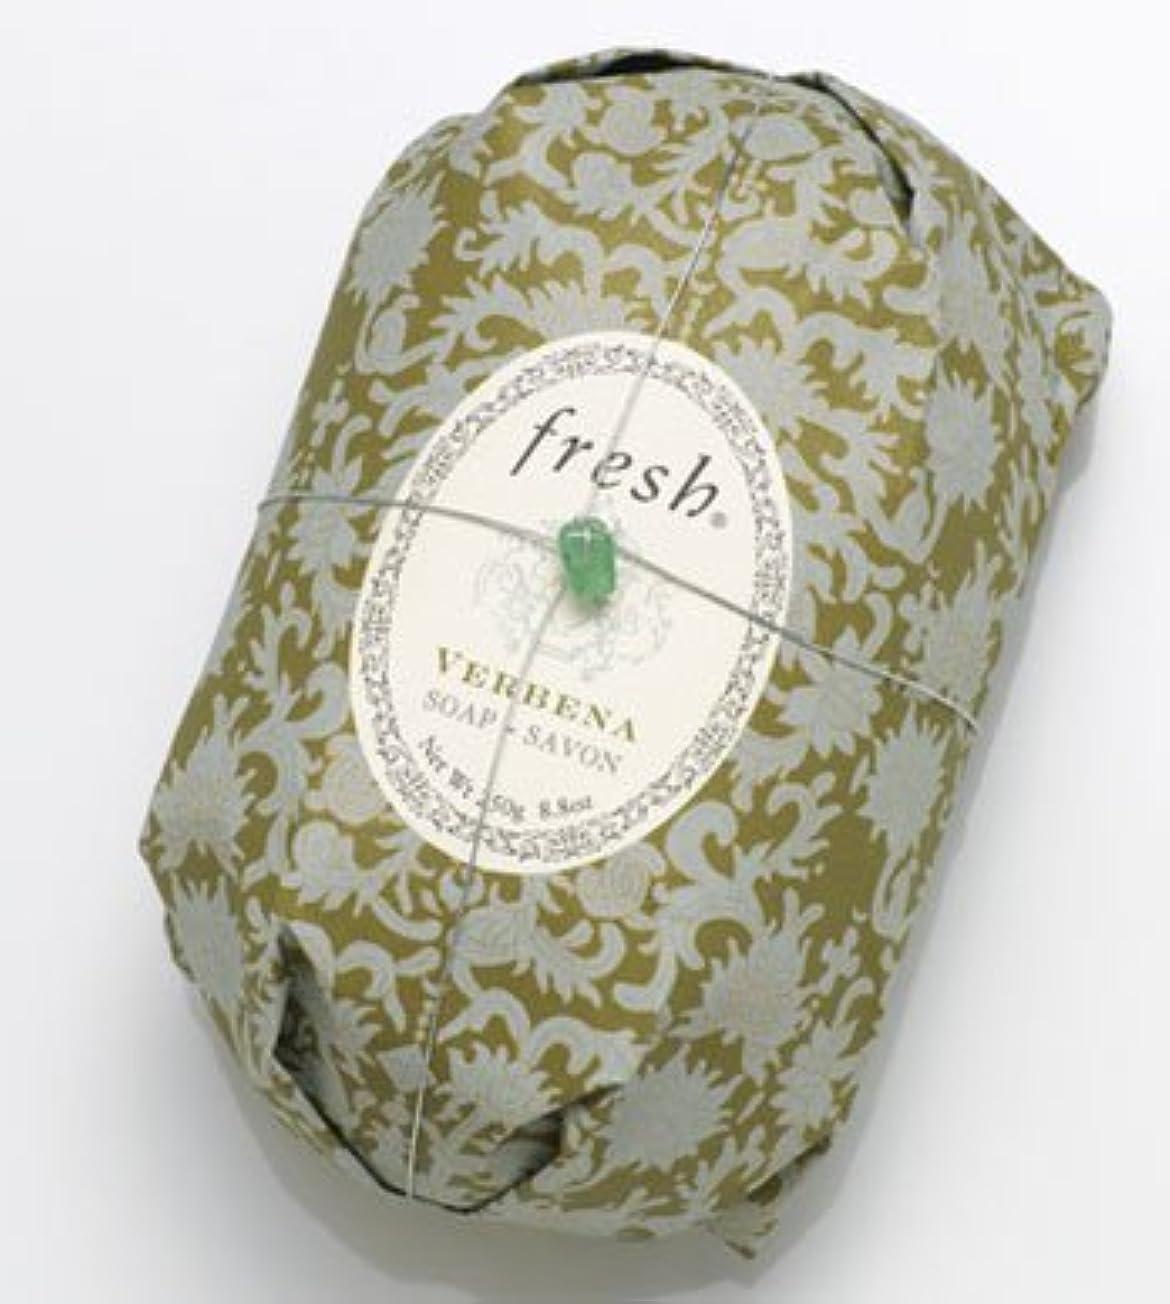 敏感なキウイコースFresh VERBENA SOAP (フレッシュ バーベナ ソープ) 8.8 oz (250g) Soap (石鹸) by Fresh